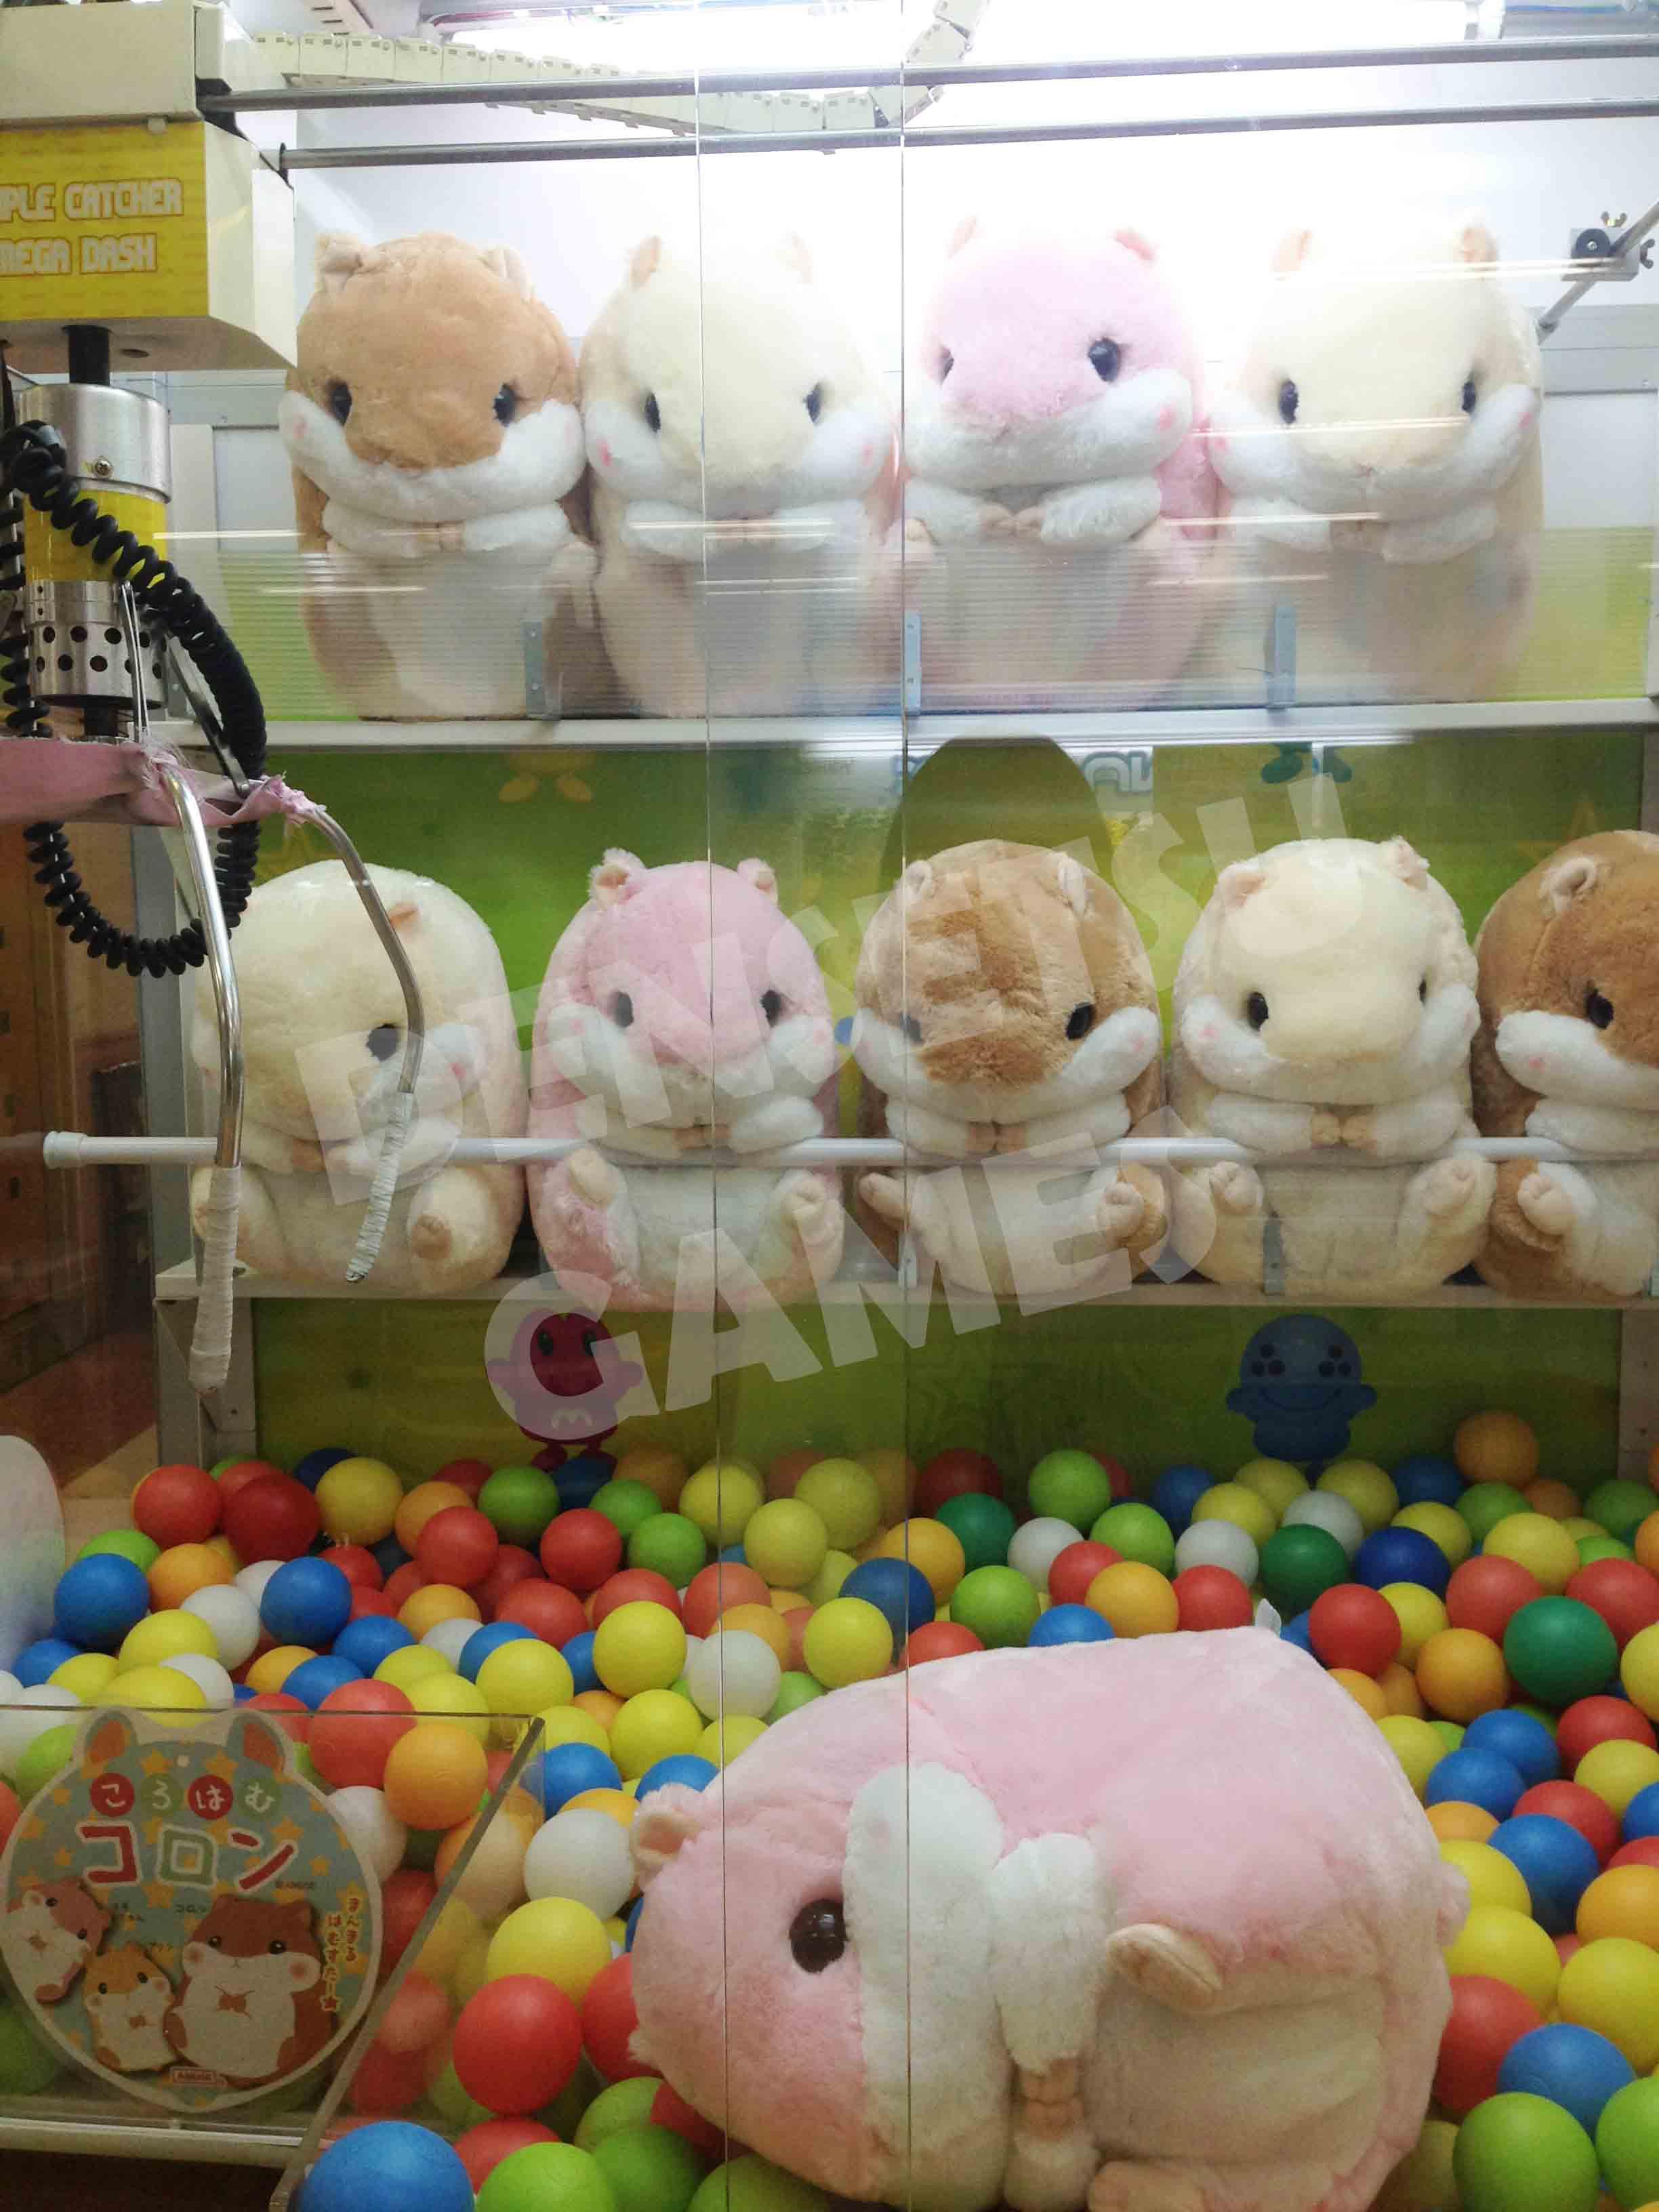 Hamster de pelúcia em máquina de fliperama no Japão.